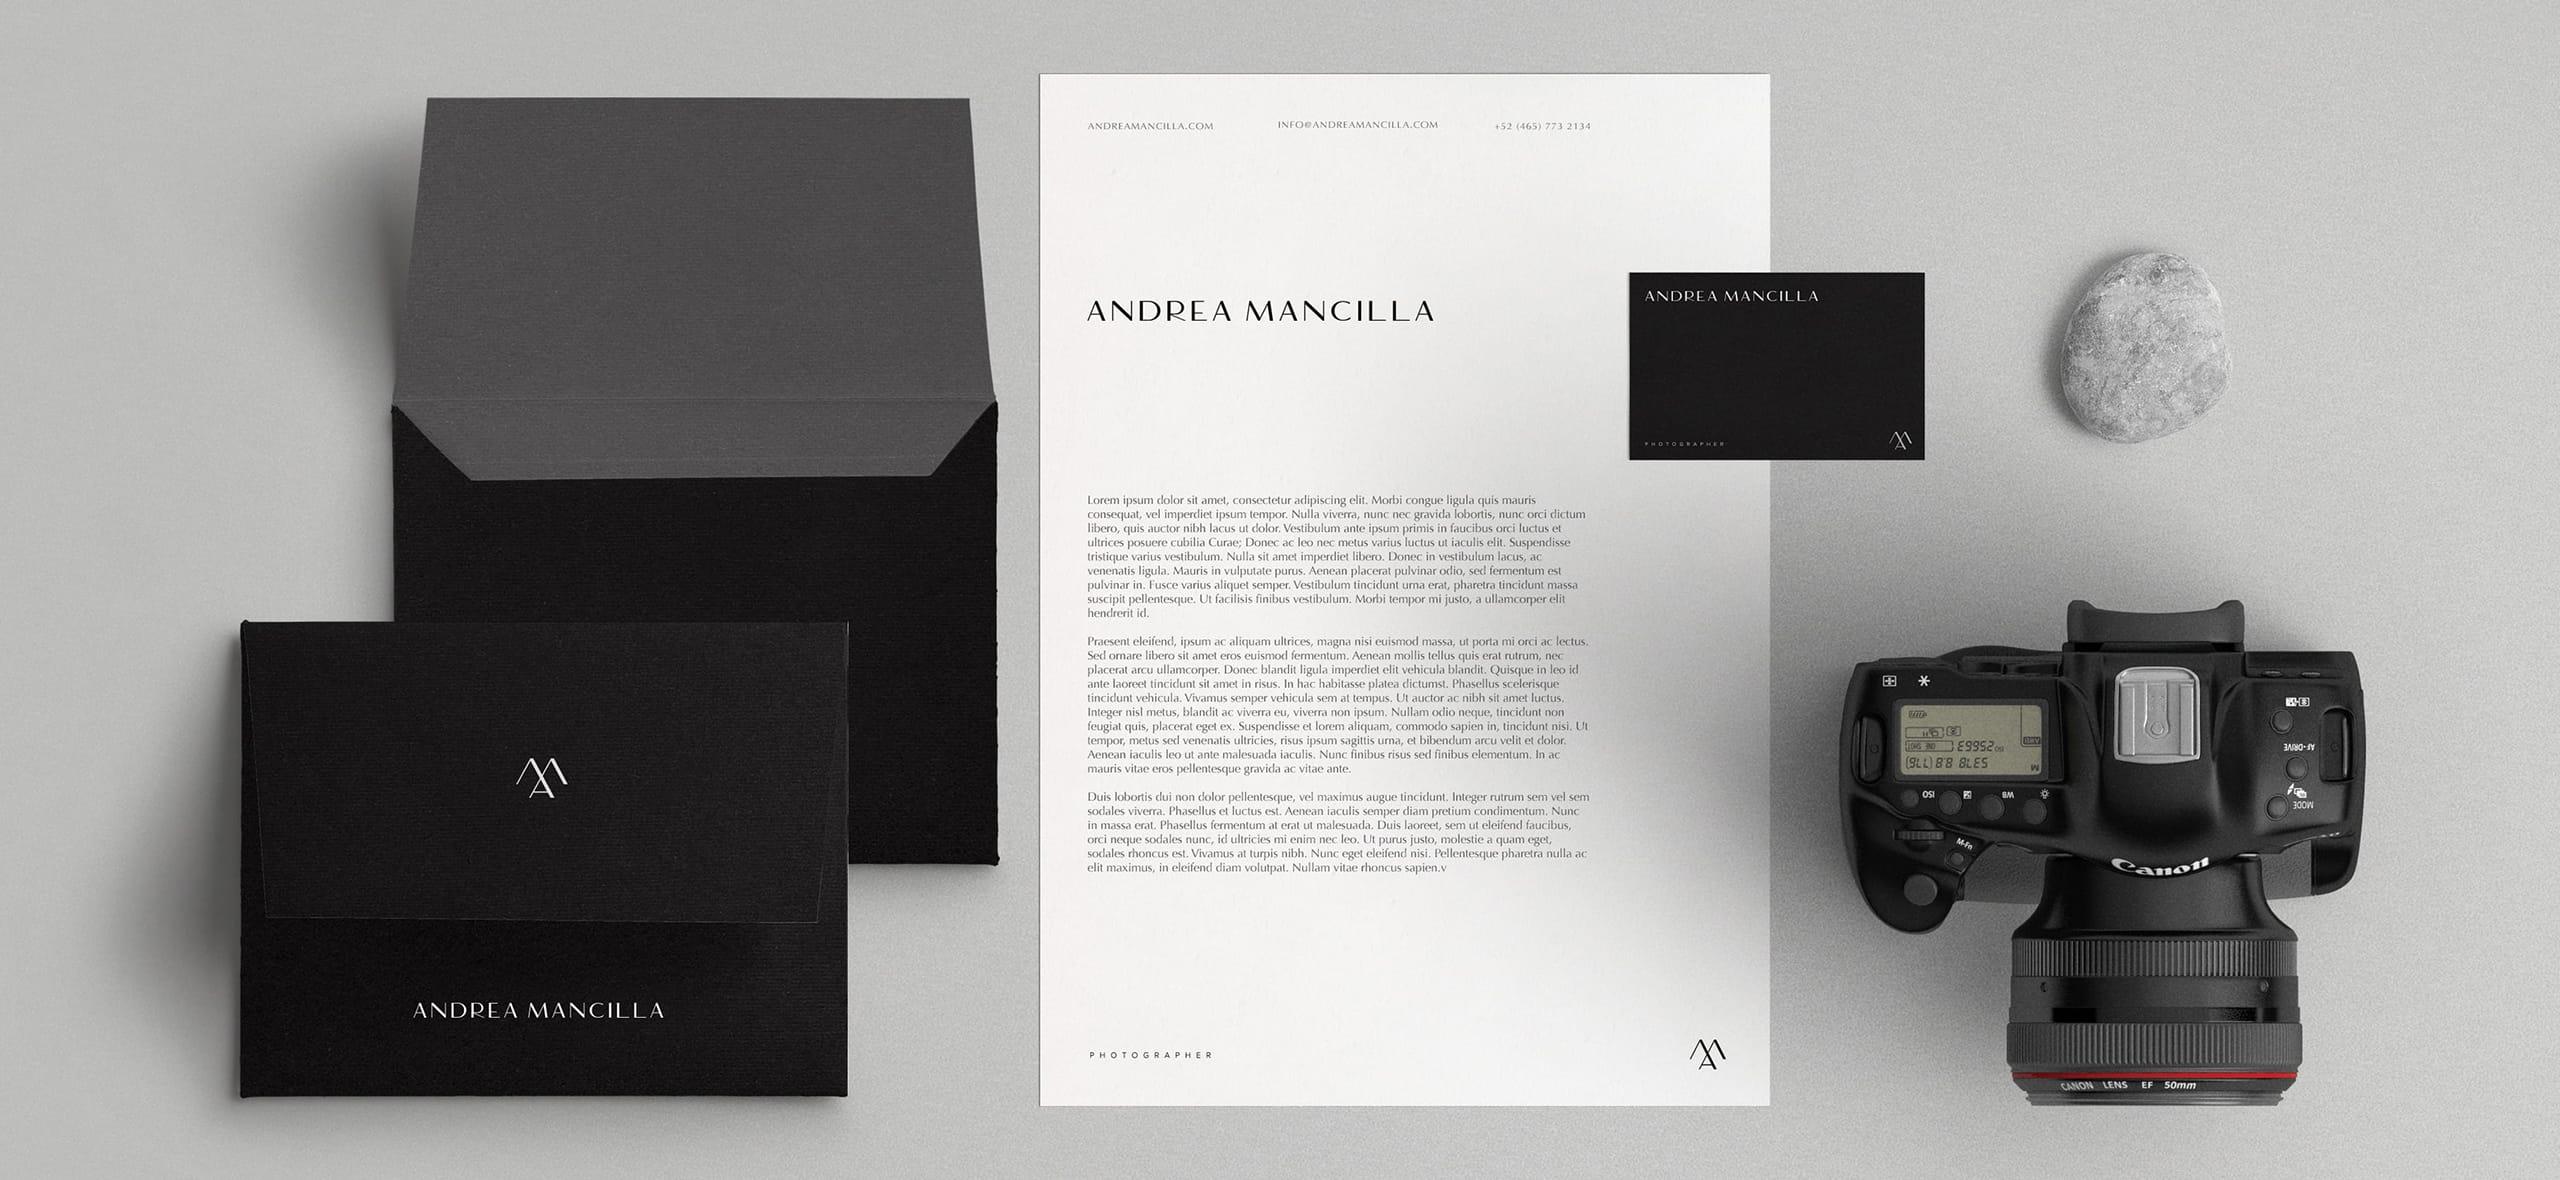 BANNER-TRECEVEINTE-Andrea-Mancilla